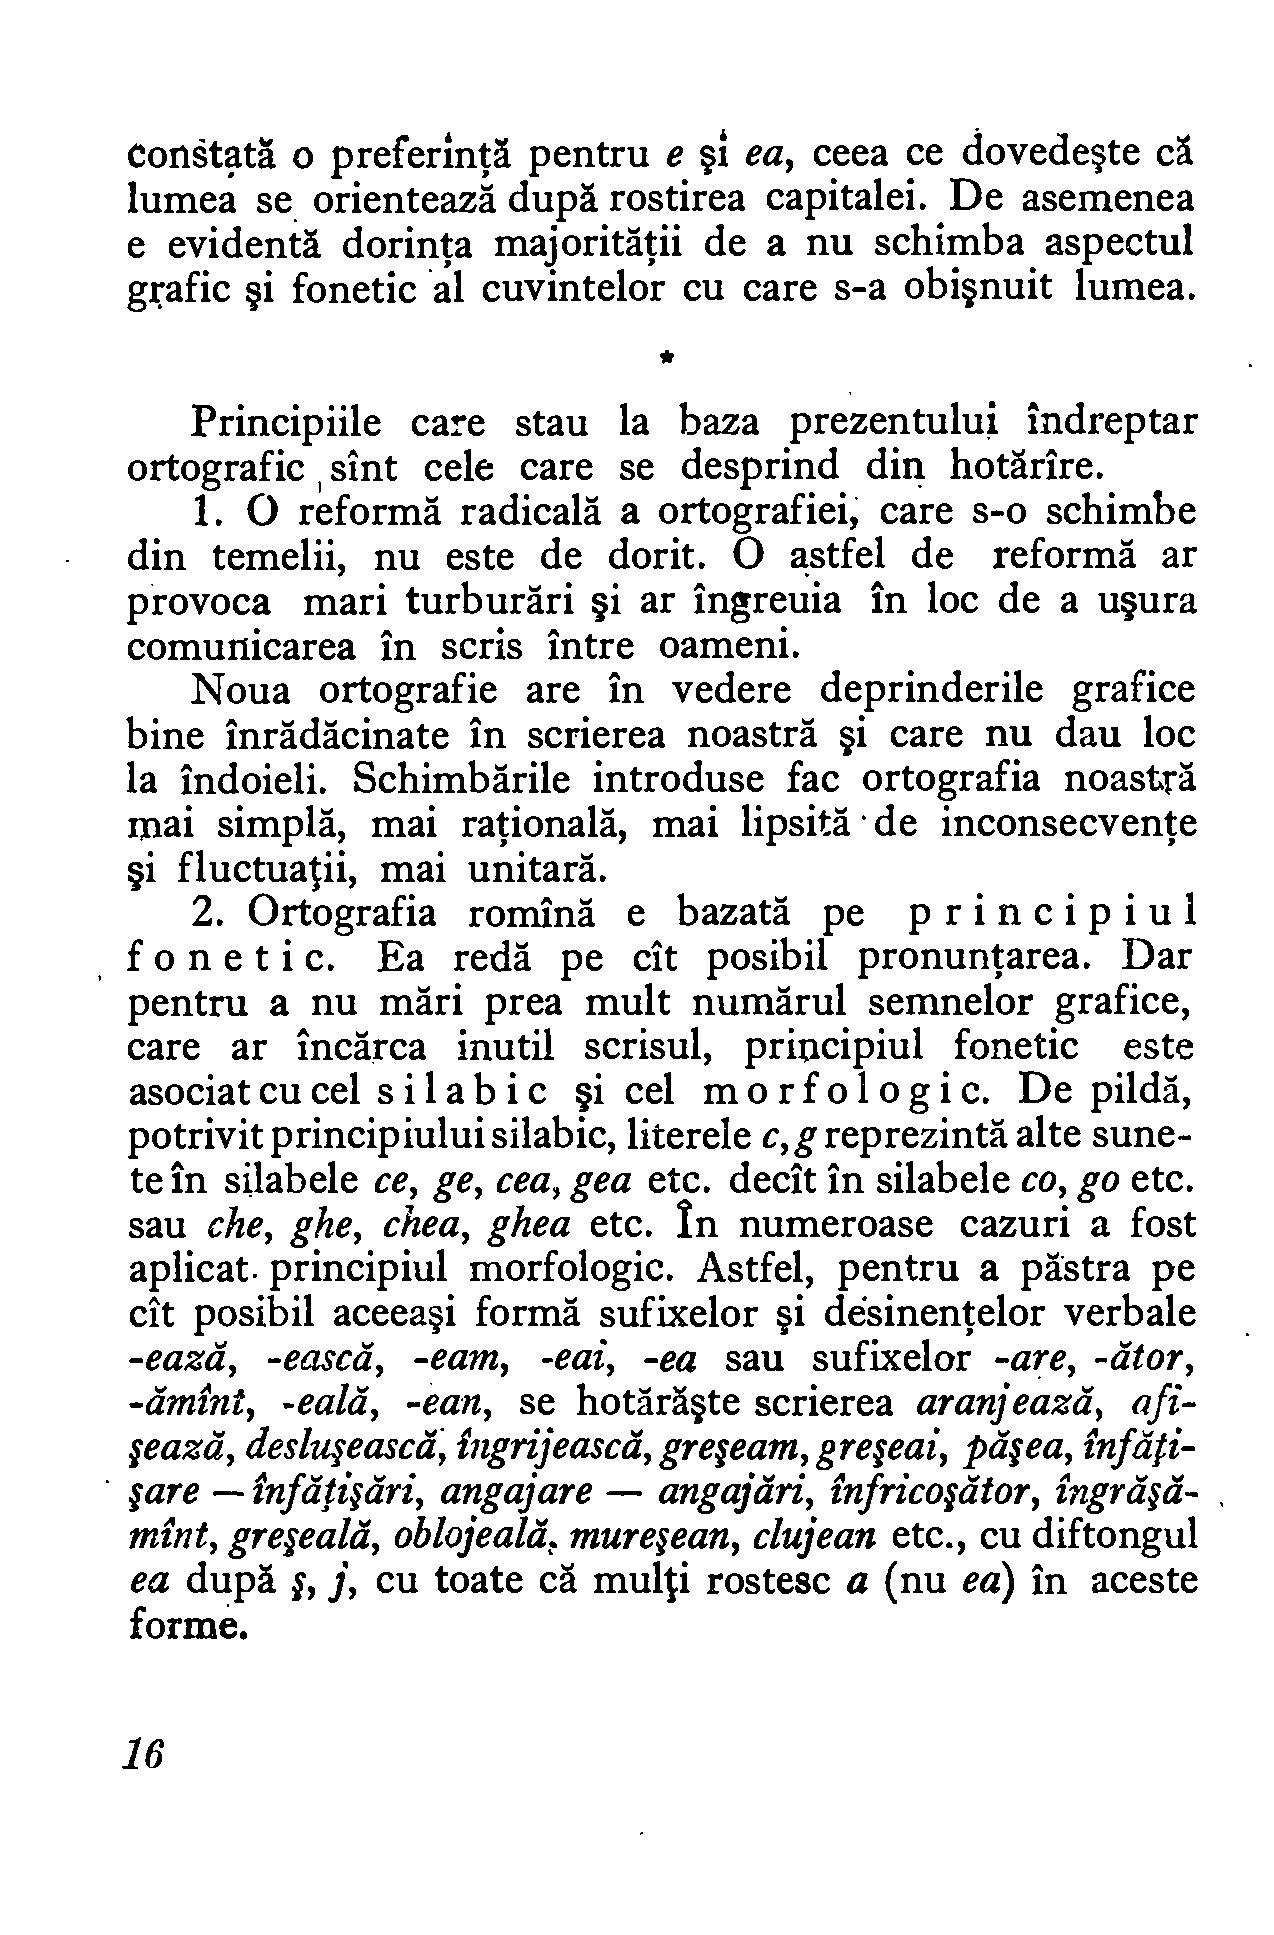 1954 - Mic dicționar ortografic (14).png